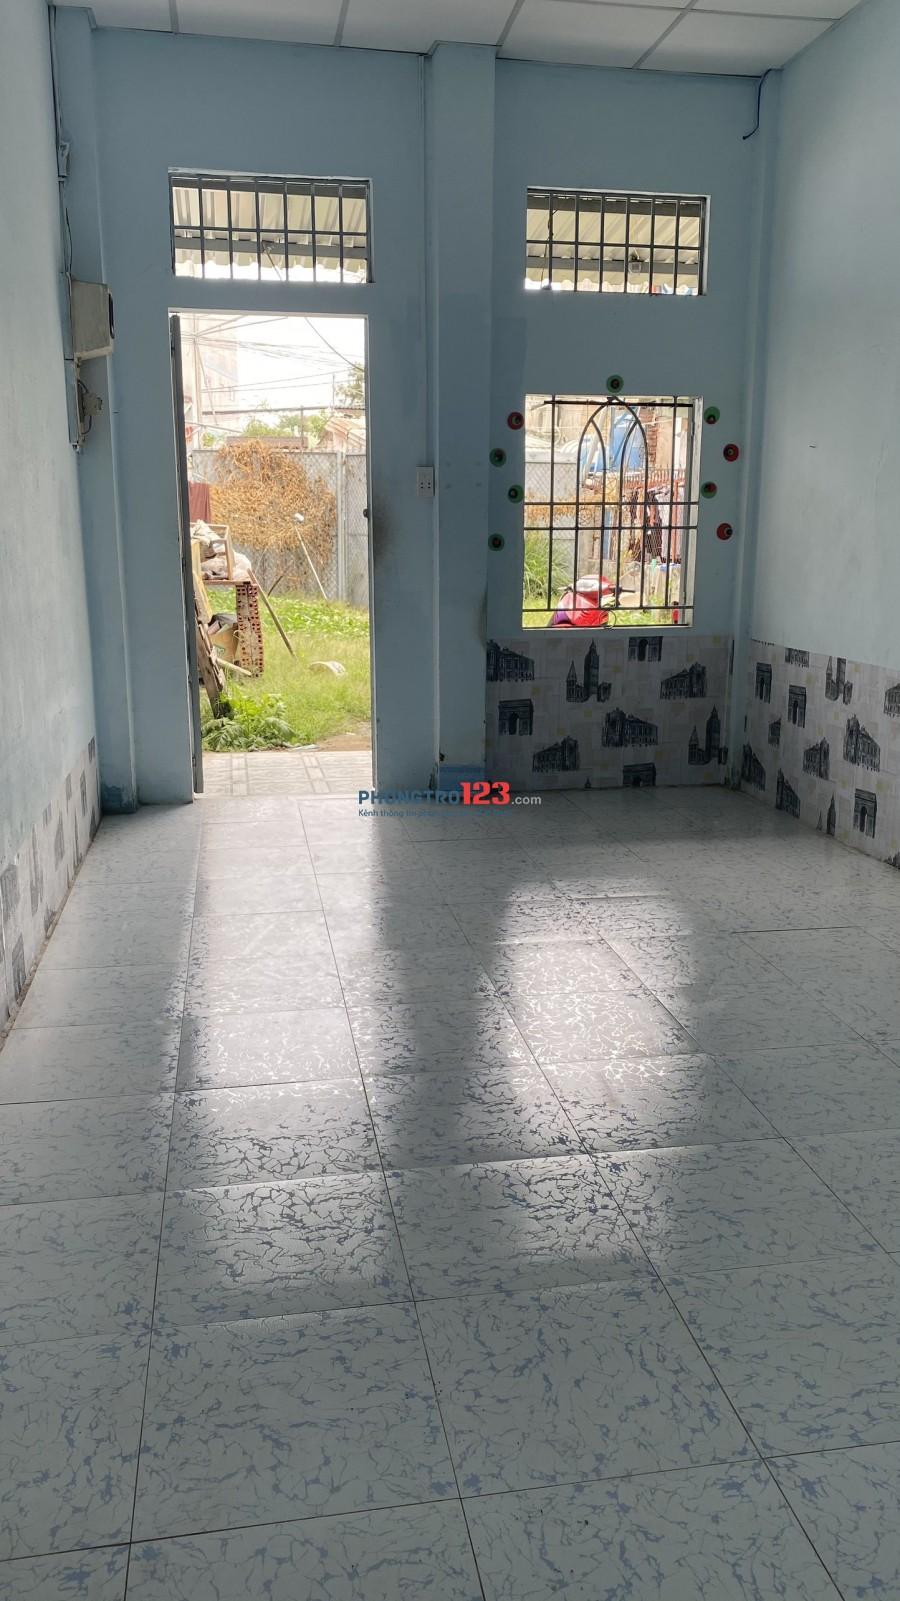 Cho thuê Phòng trọ quận 9 giá 2.2tr/tháng sân rộng 50m2, WC riêng